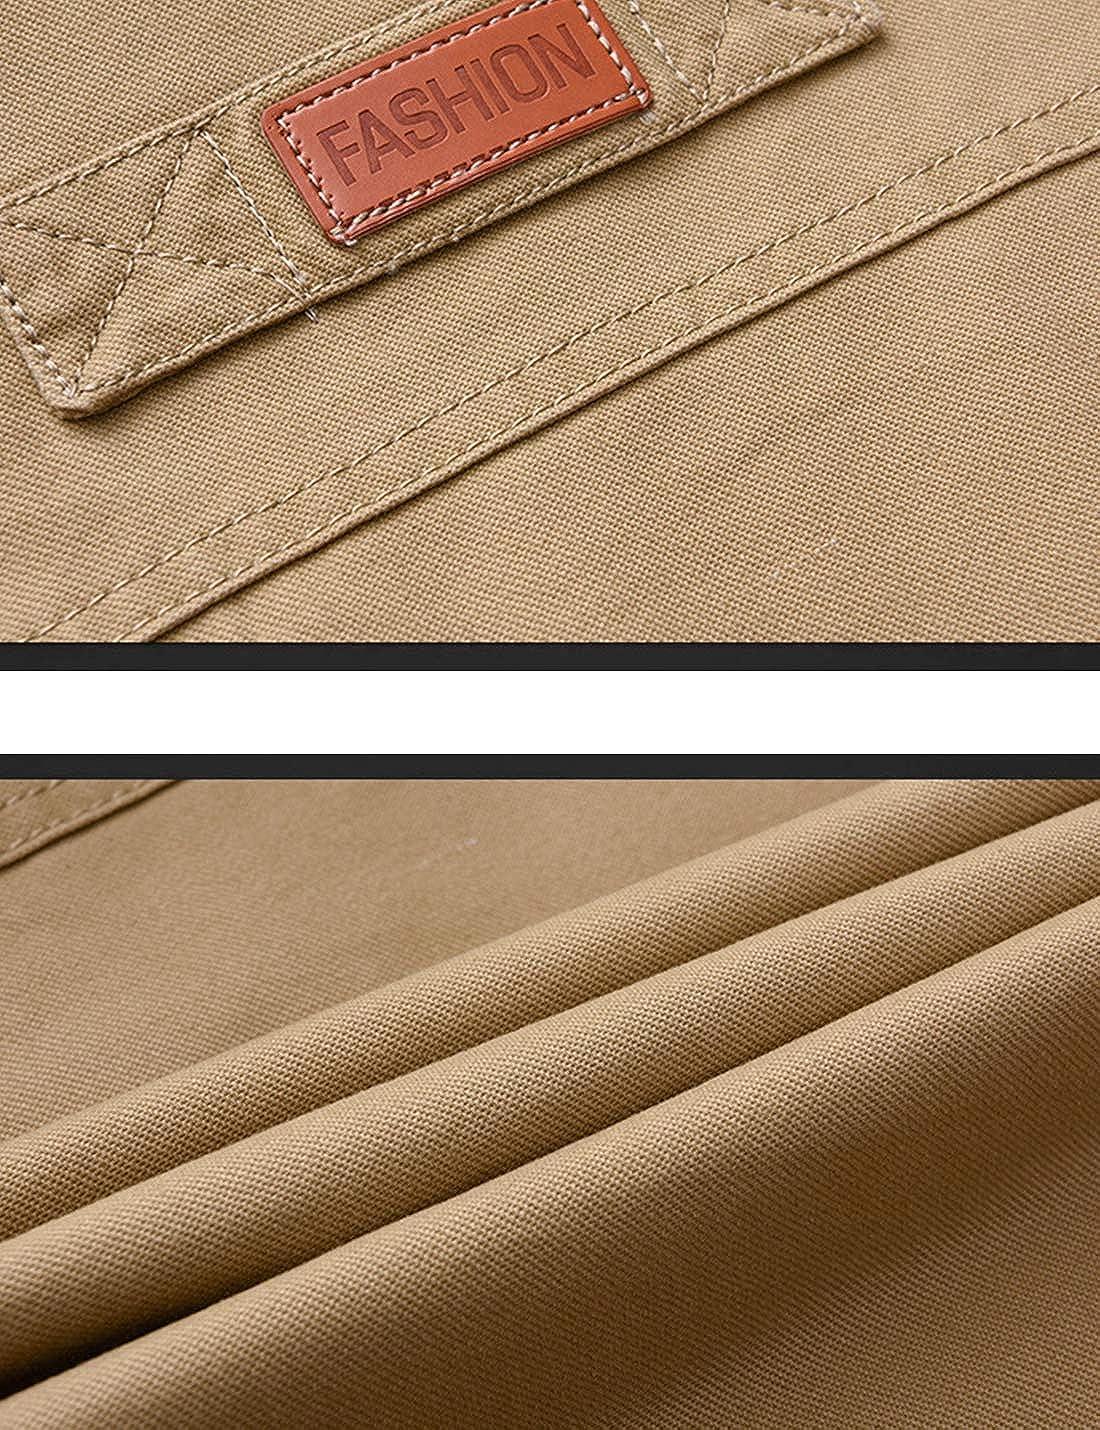 Jenkoon Mens Outdoor Cotton Vest Stand Collar Fleece Lined Fish Vest Jacket